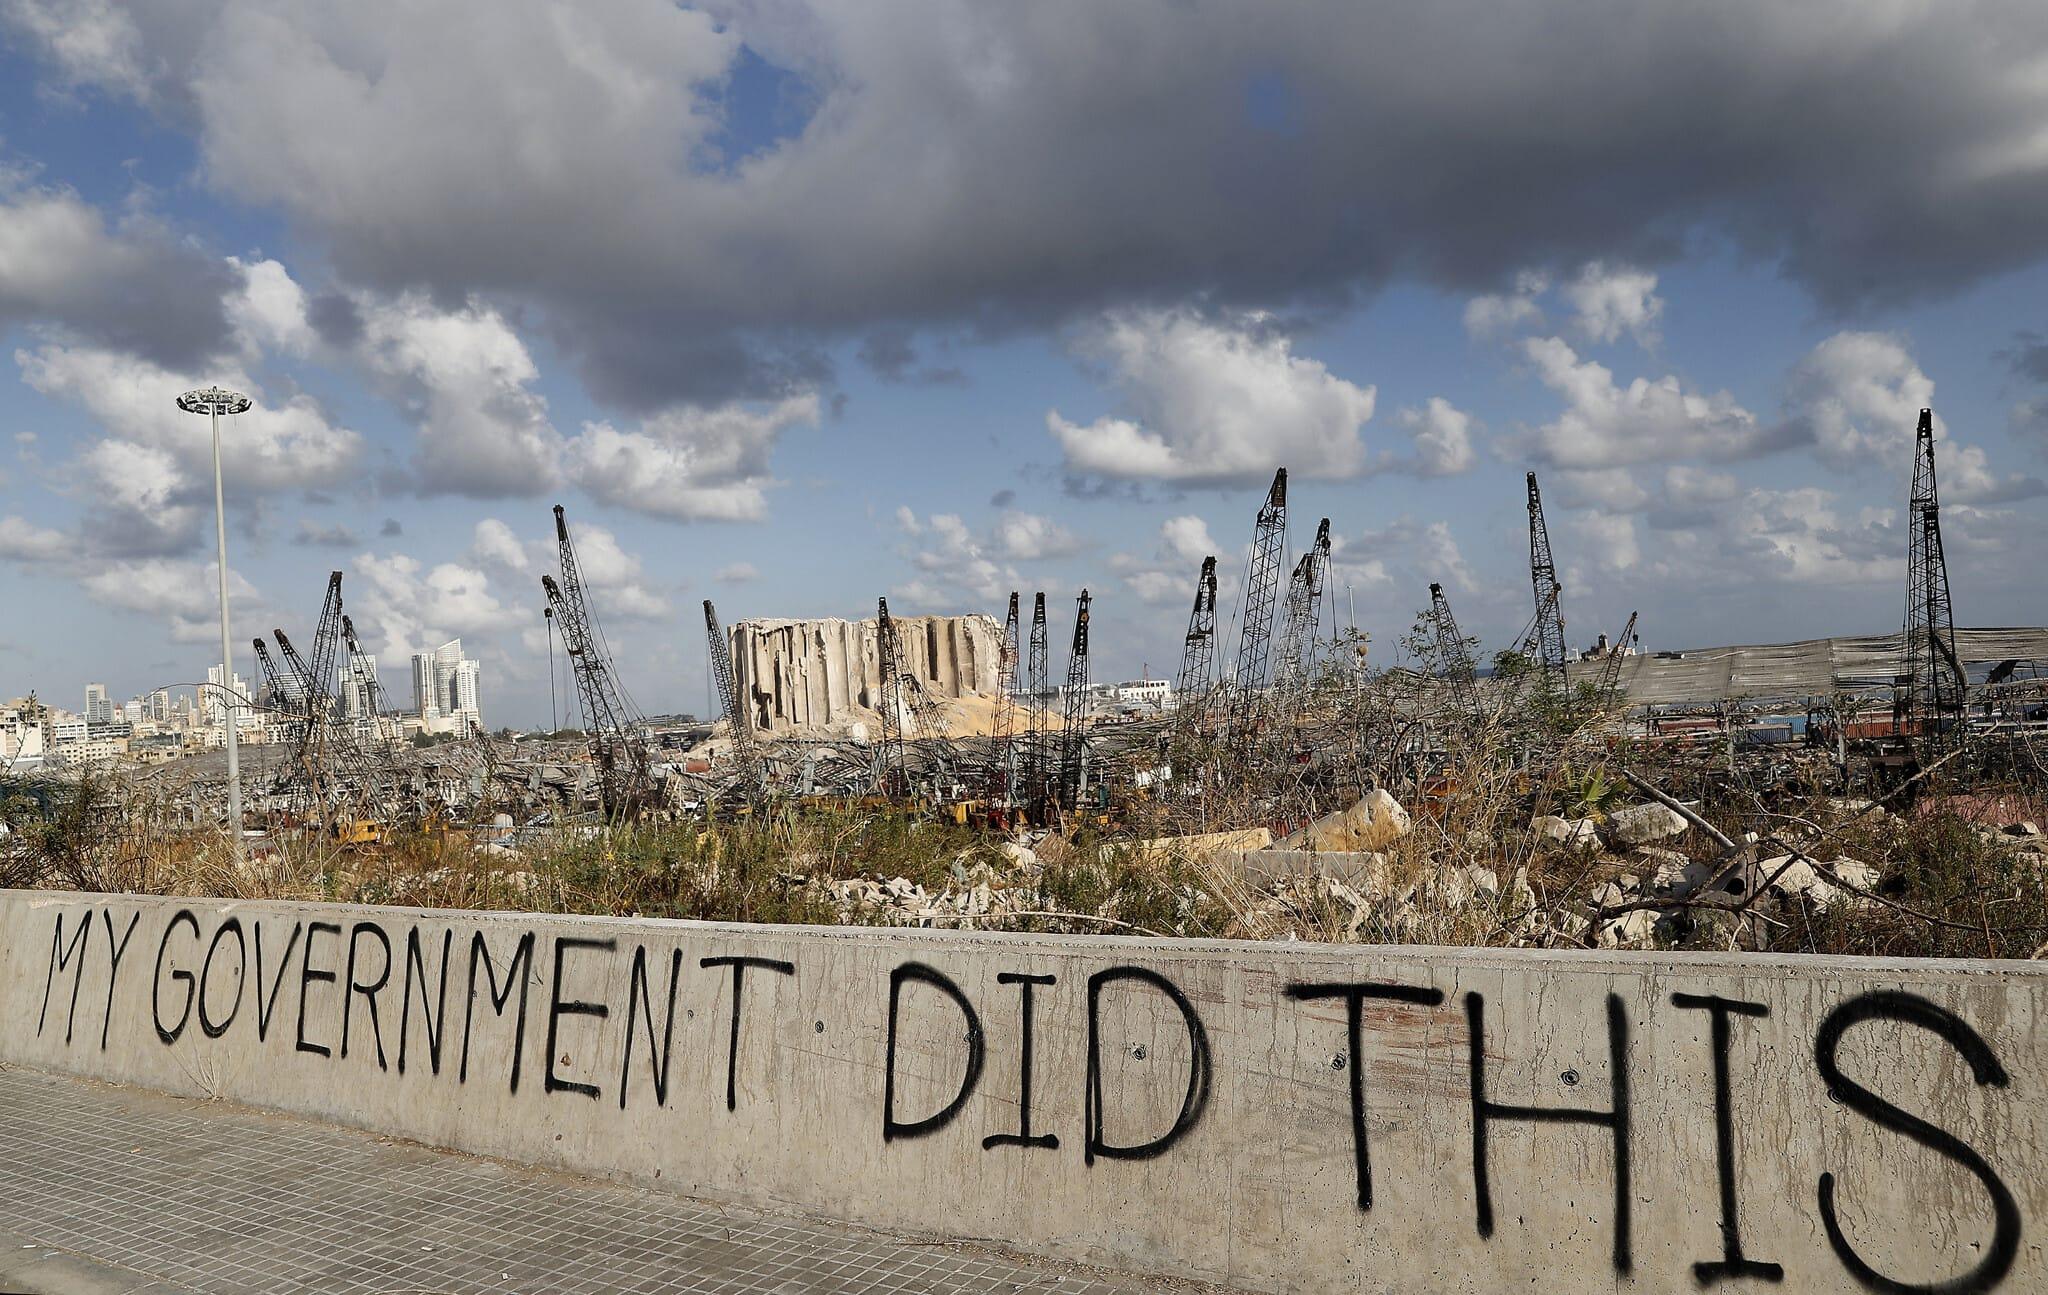 אזור נמל ביירות לאחר הפיצוץ הקטלני, אוגוסט 2020 (צילום: AP Photo/Hussein Malla)